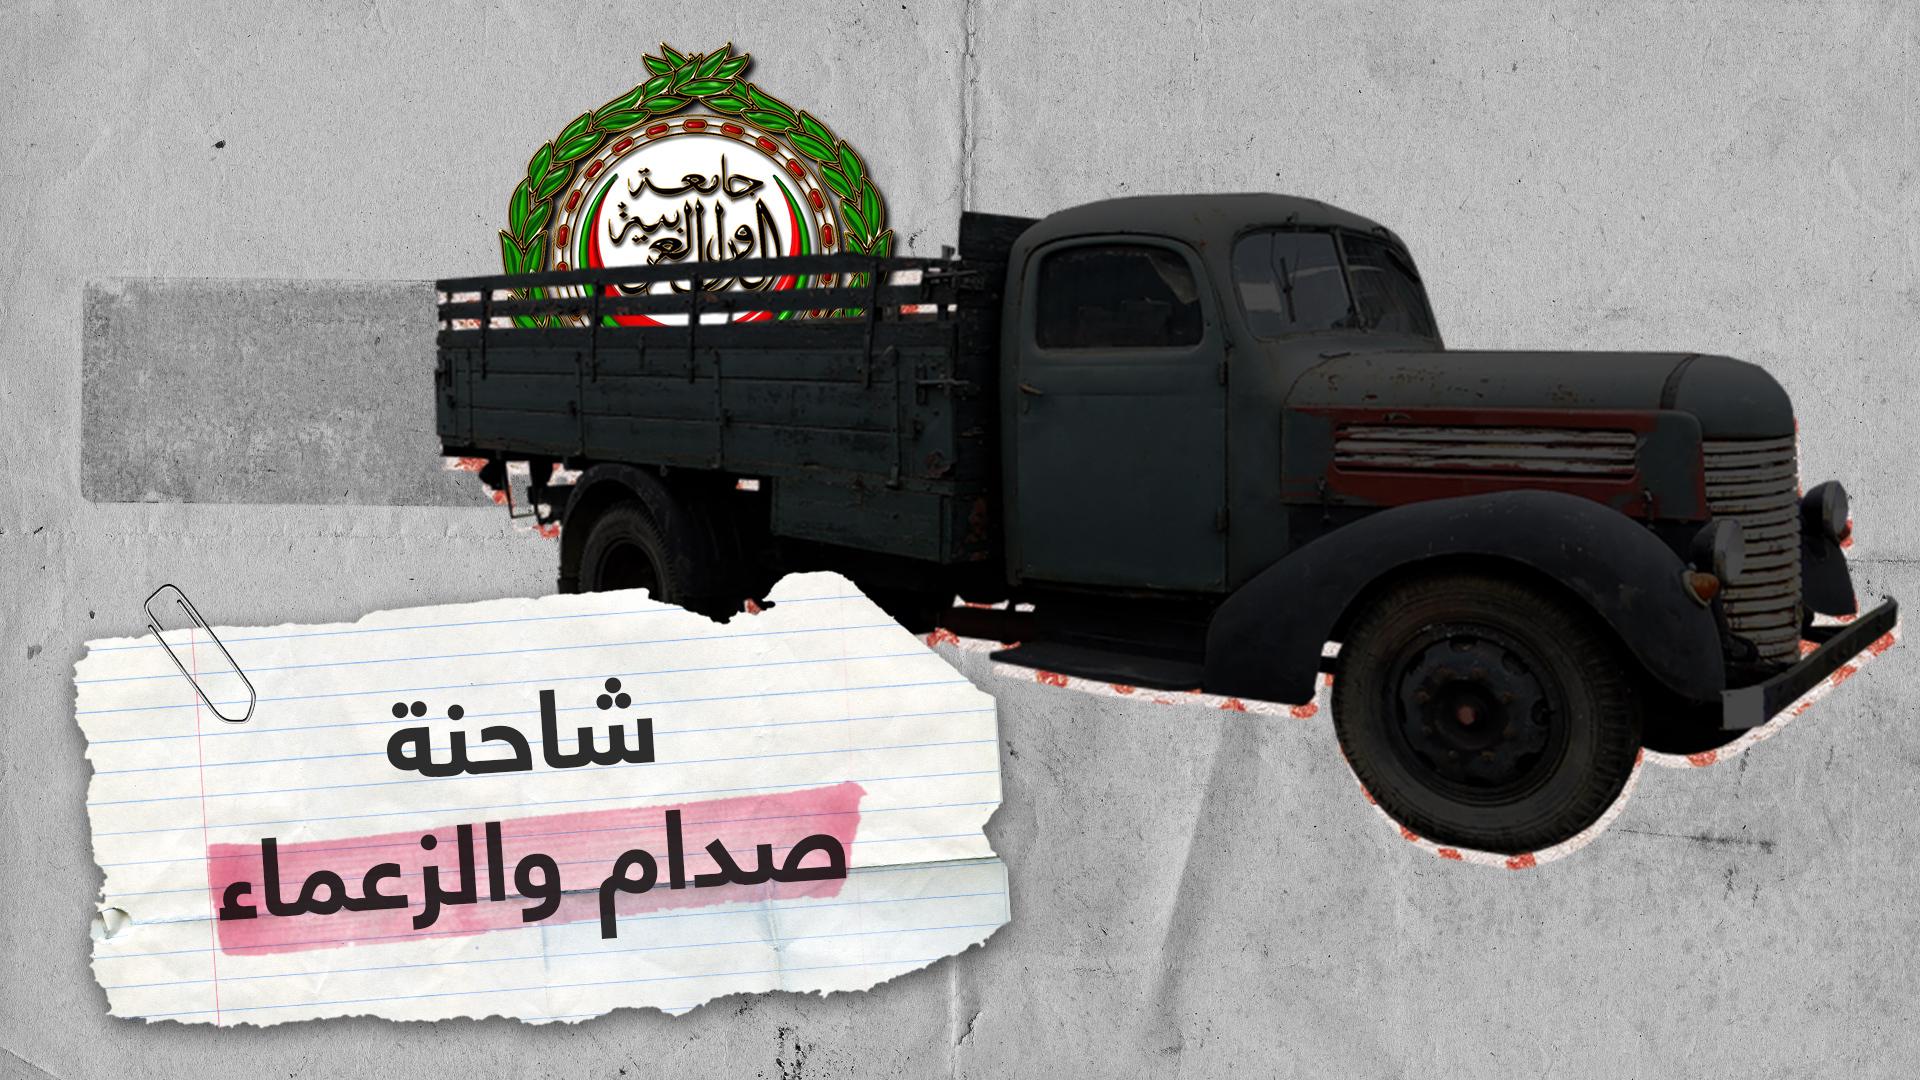 الزعماء العرب على ظهر شاحنة